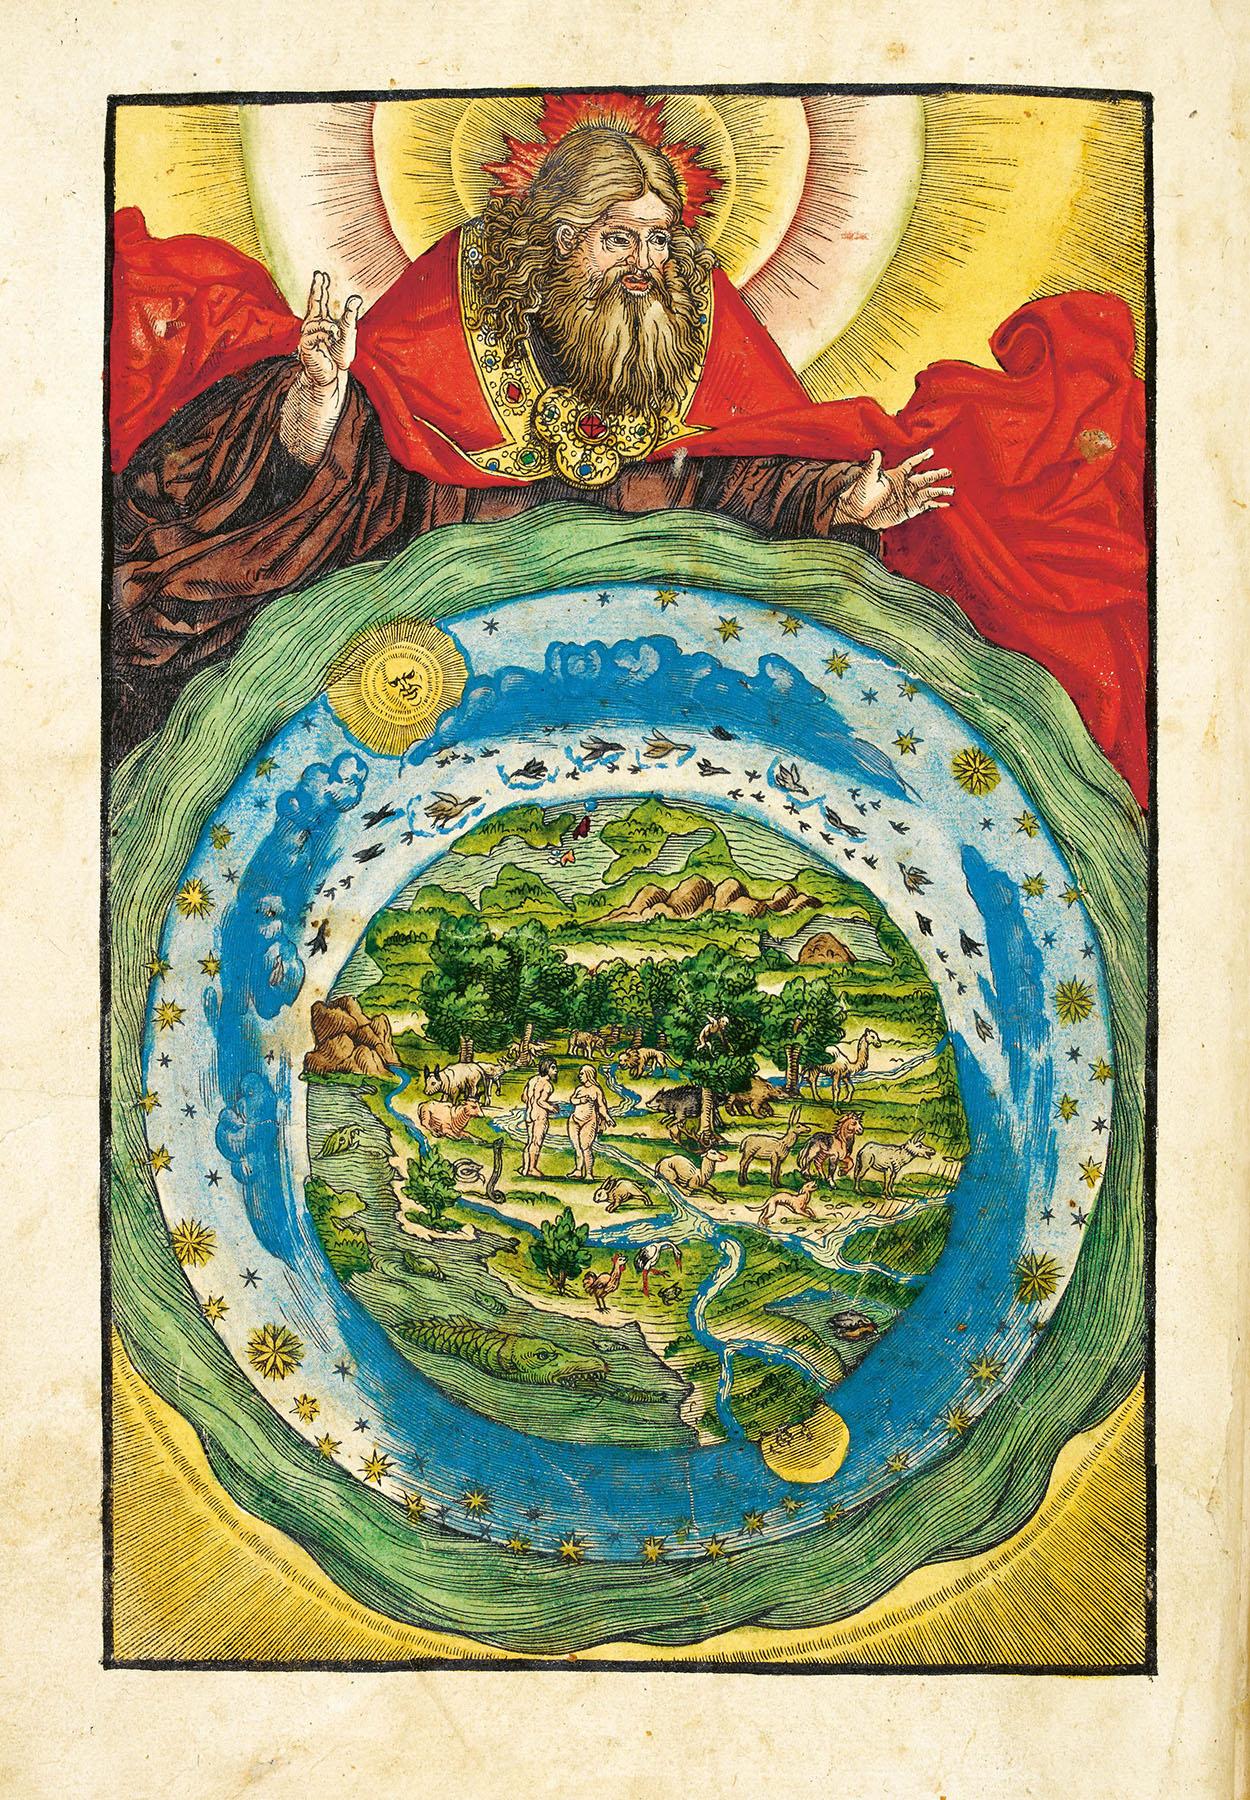 The Garden of Eden from Biblia, das ist, die gantze Heilige Schrifft Deudsch, Han Lufft: Wittenberg, 1536. British Library, London.